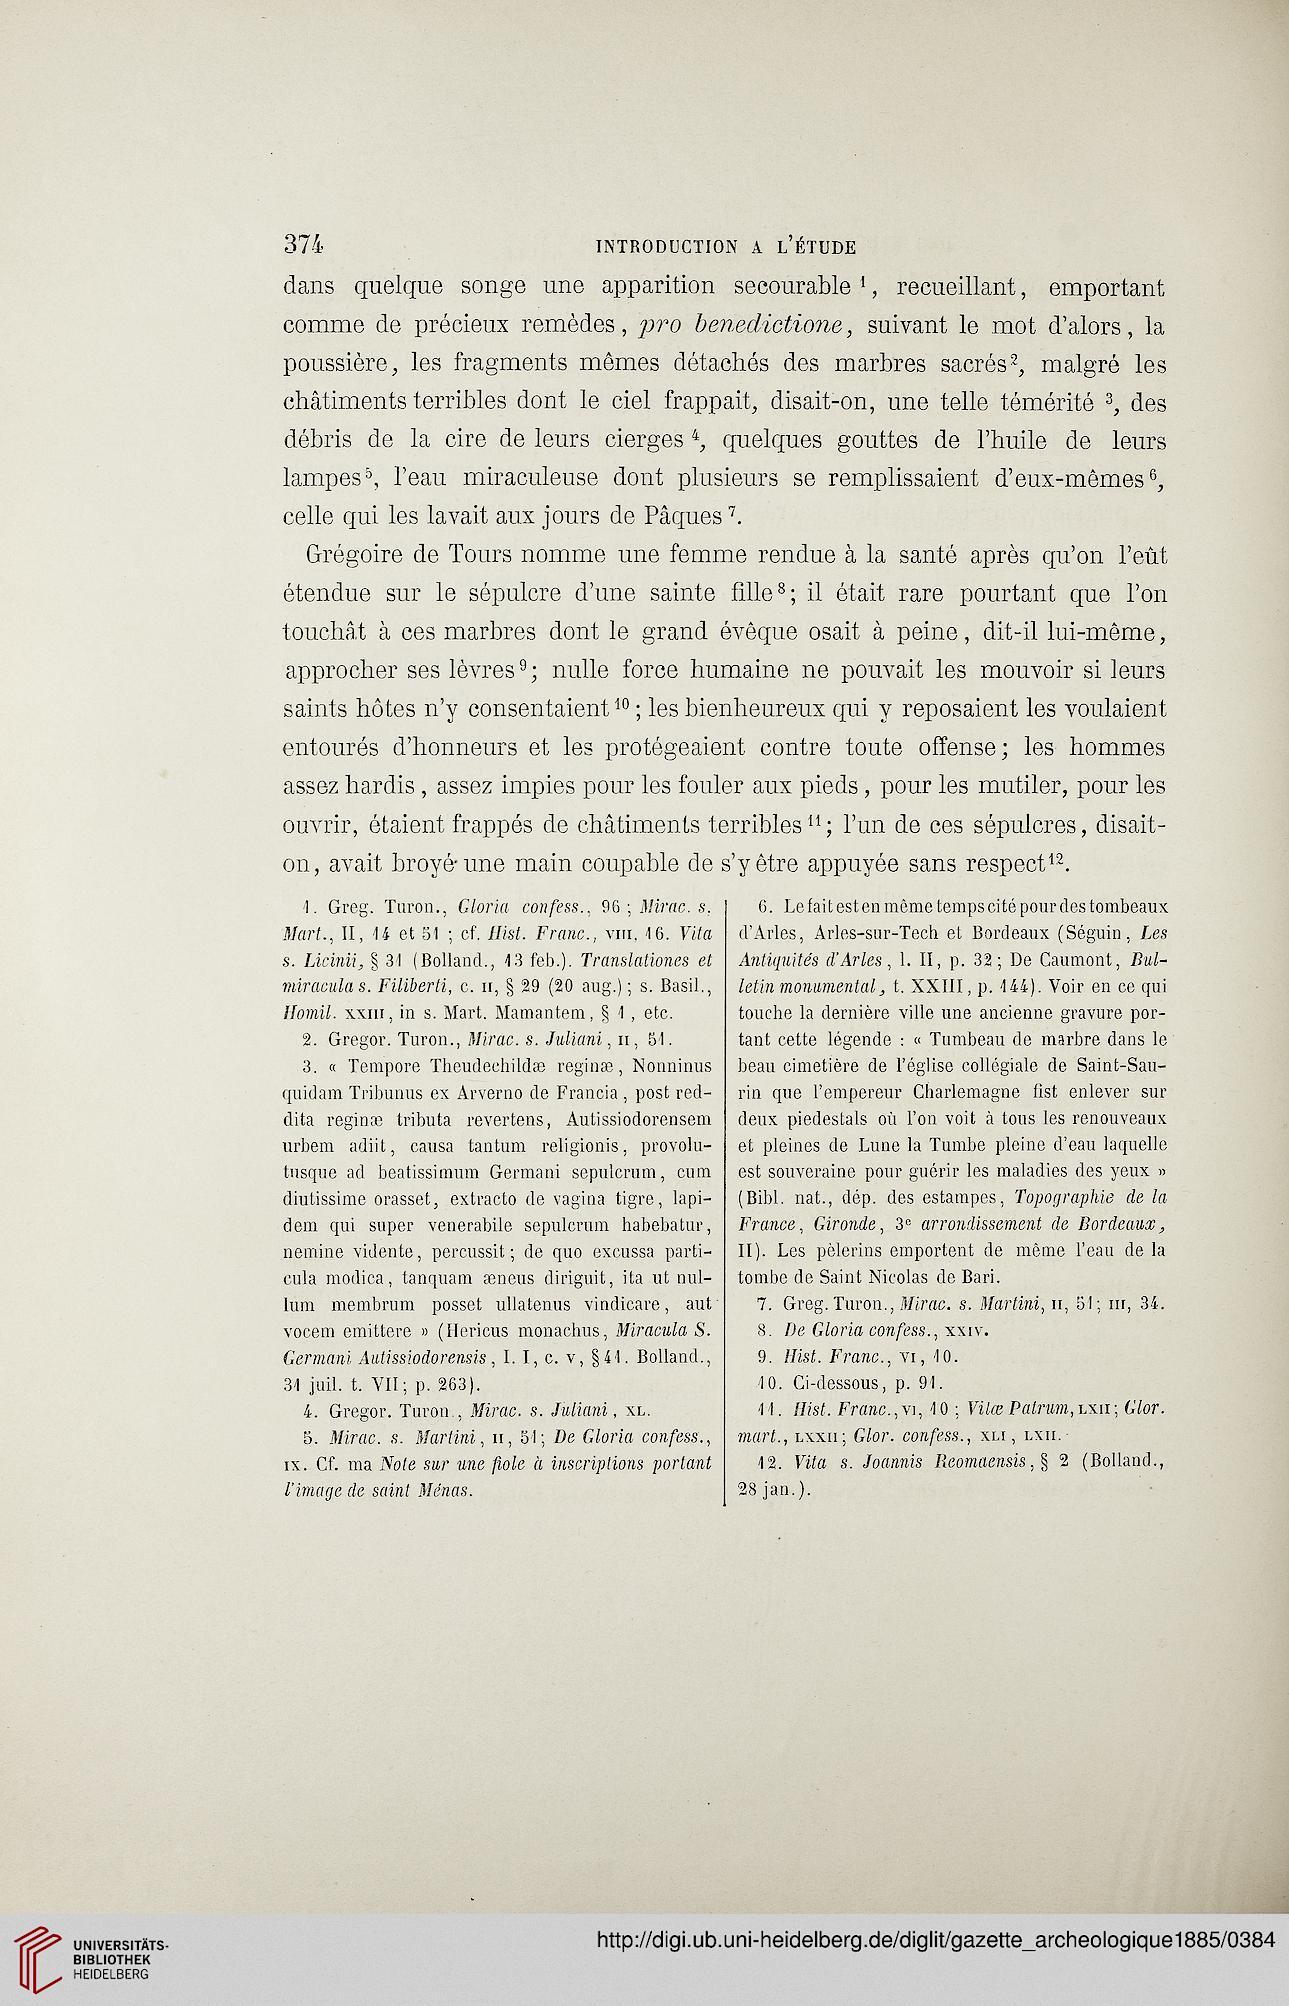 Gazette archéologique: revue des Musées Nationaux (10.1885)